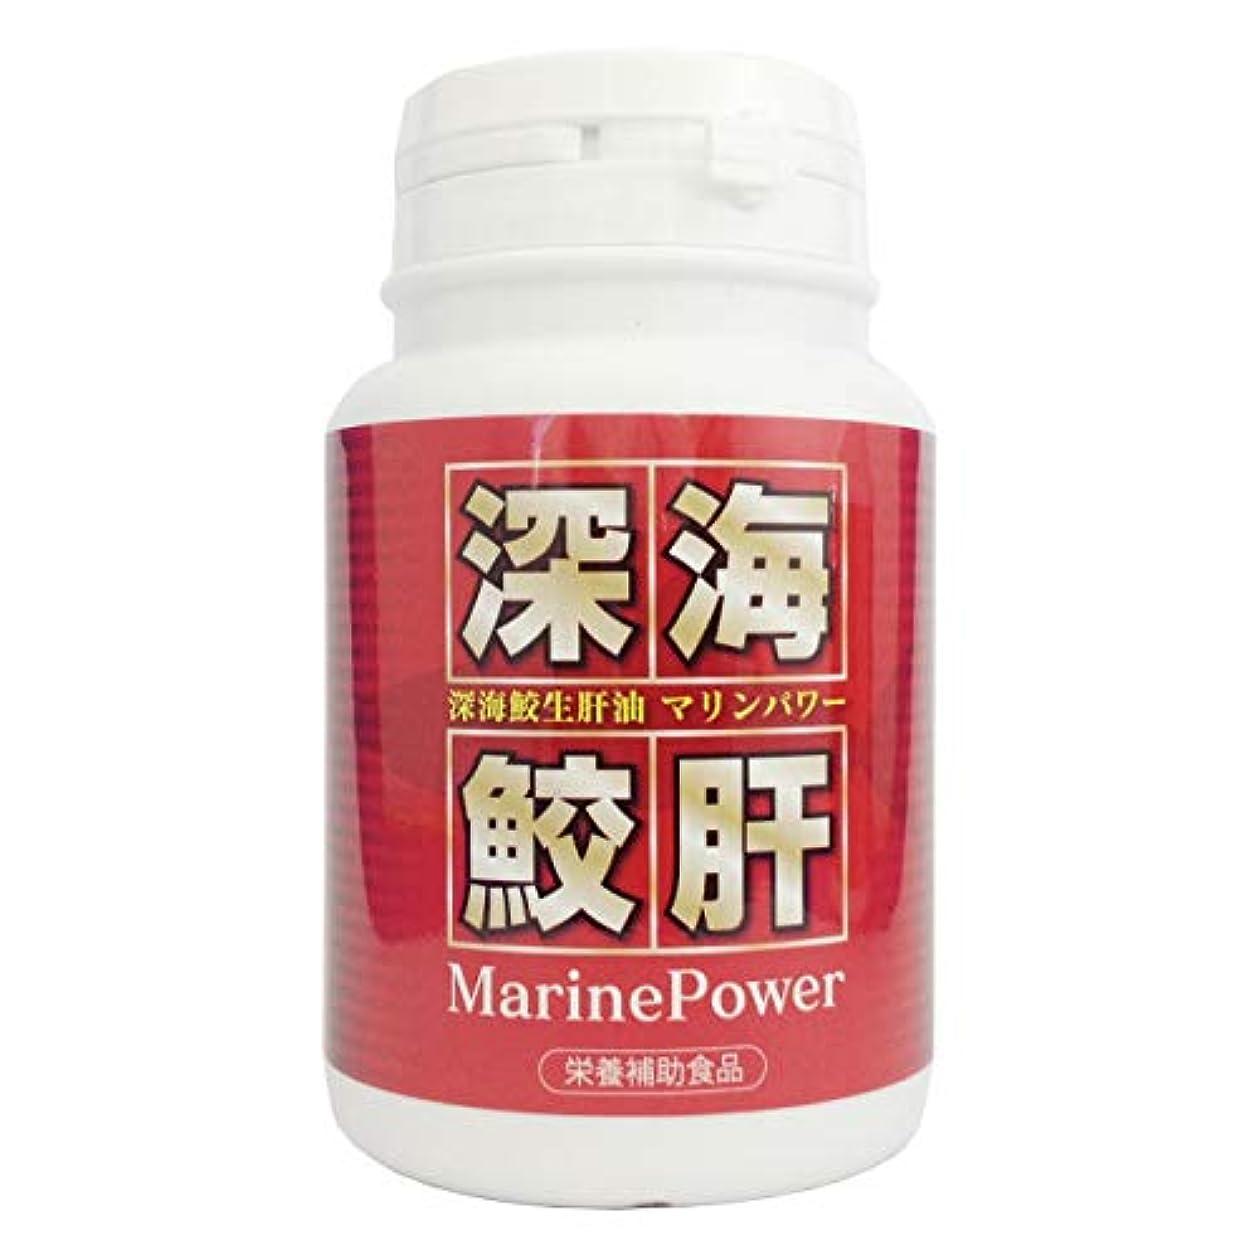 ペルセウスブレーキピュー深海鮫生肝油 マリンパワー 180粒 1本 スクワレン オメガ3脂肪酸含有 (約1ヶ月分)